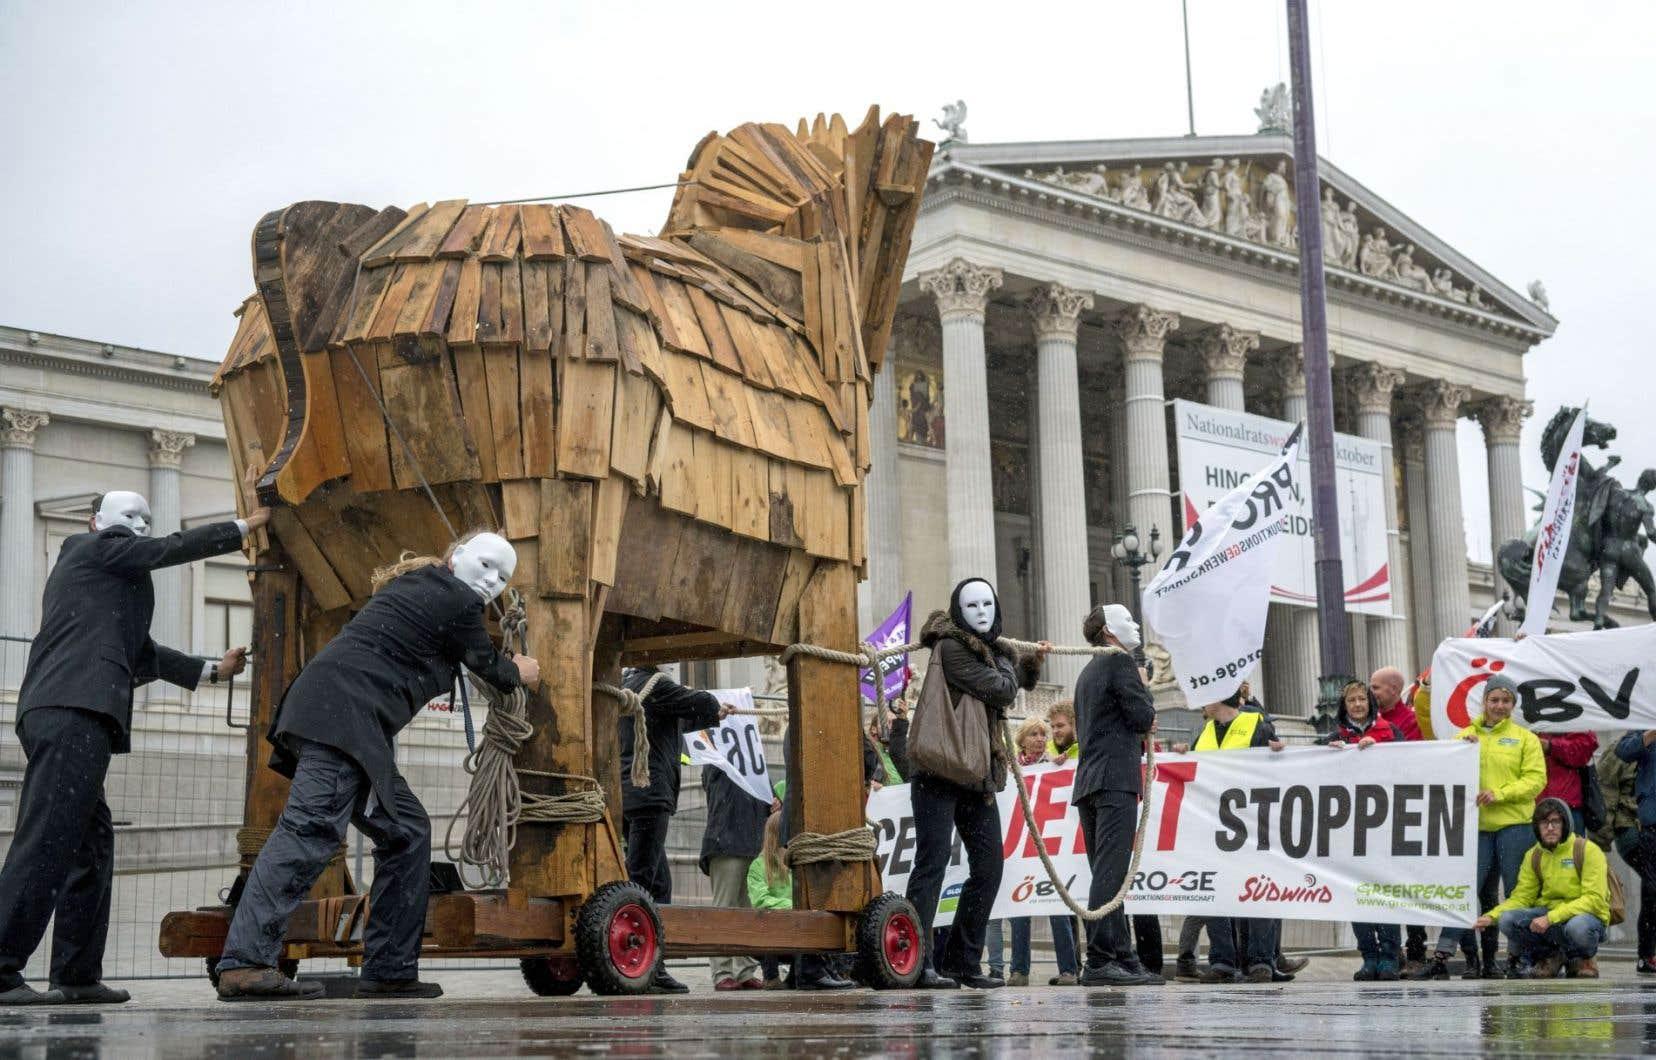 Des manifestants protestaient contre l'AECG devant le parlement d'Autriche, mercredi.